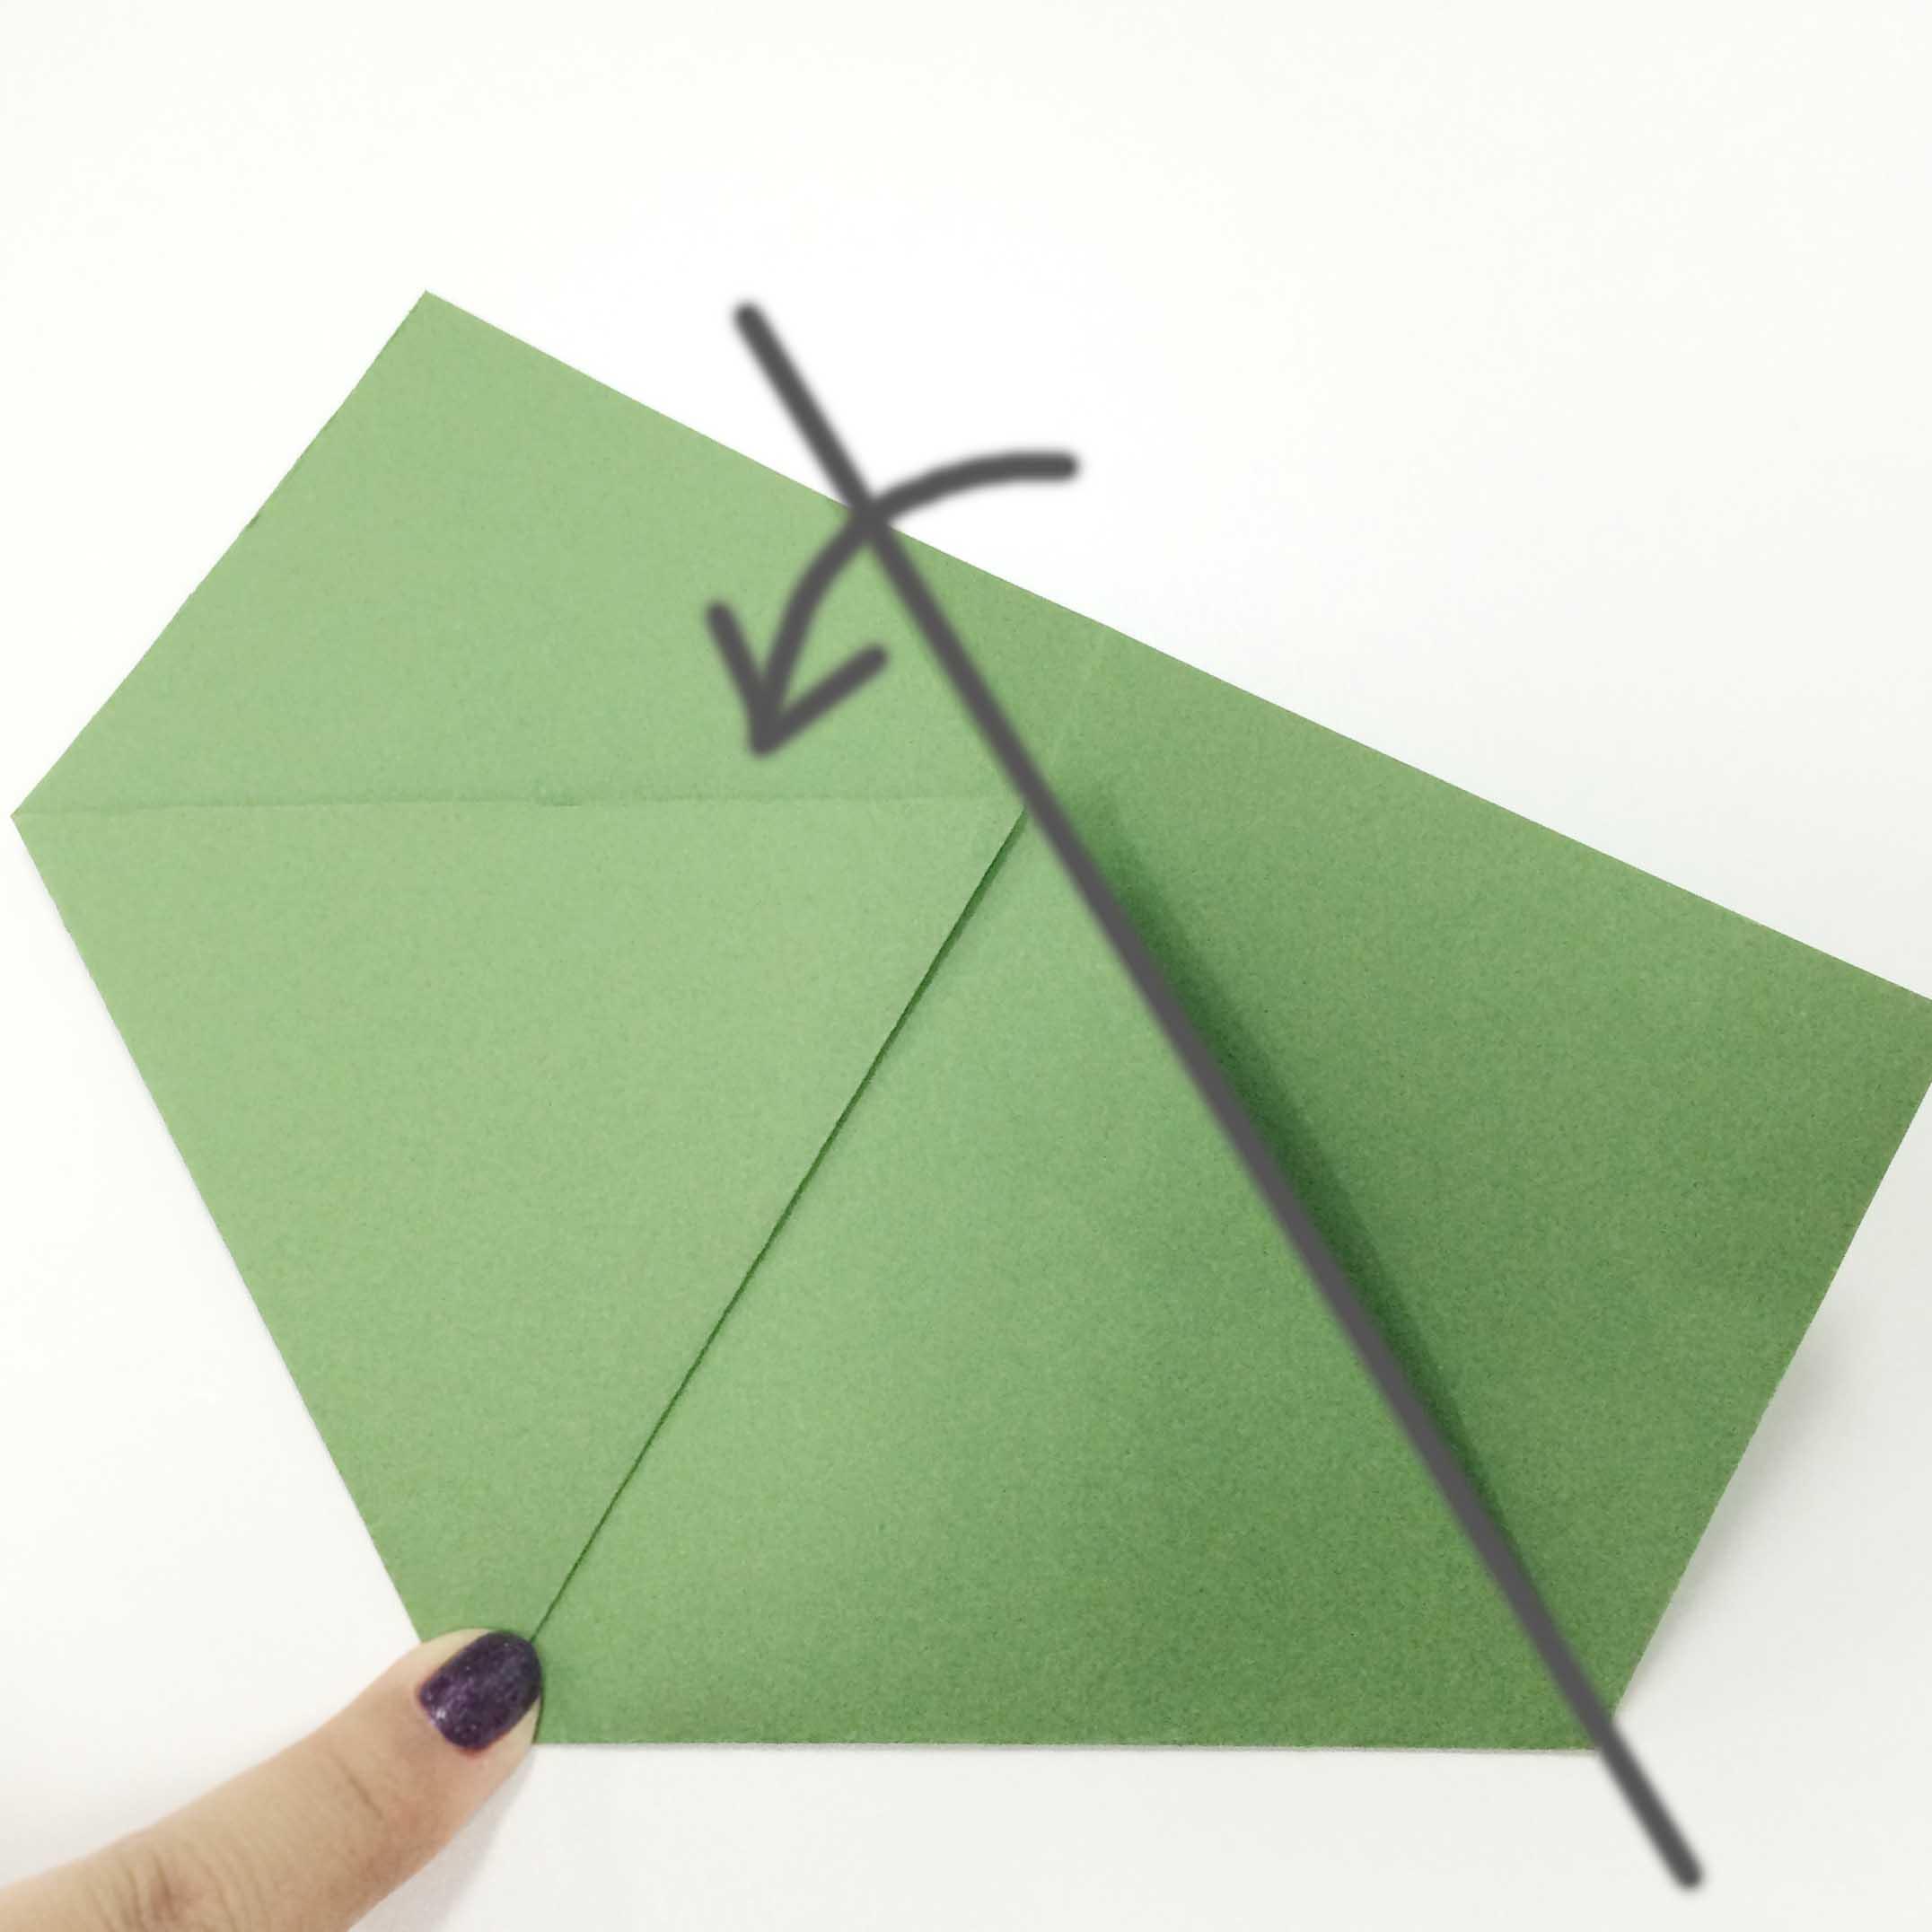 9. 沿著三角形的邊線對折!